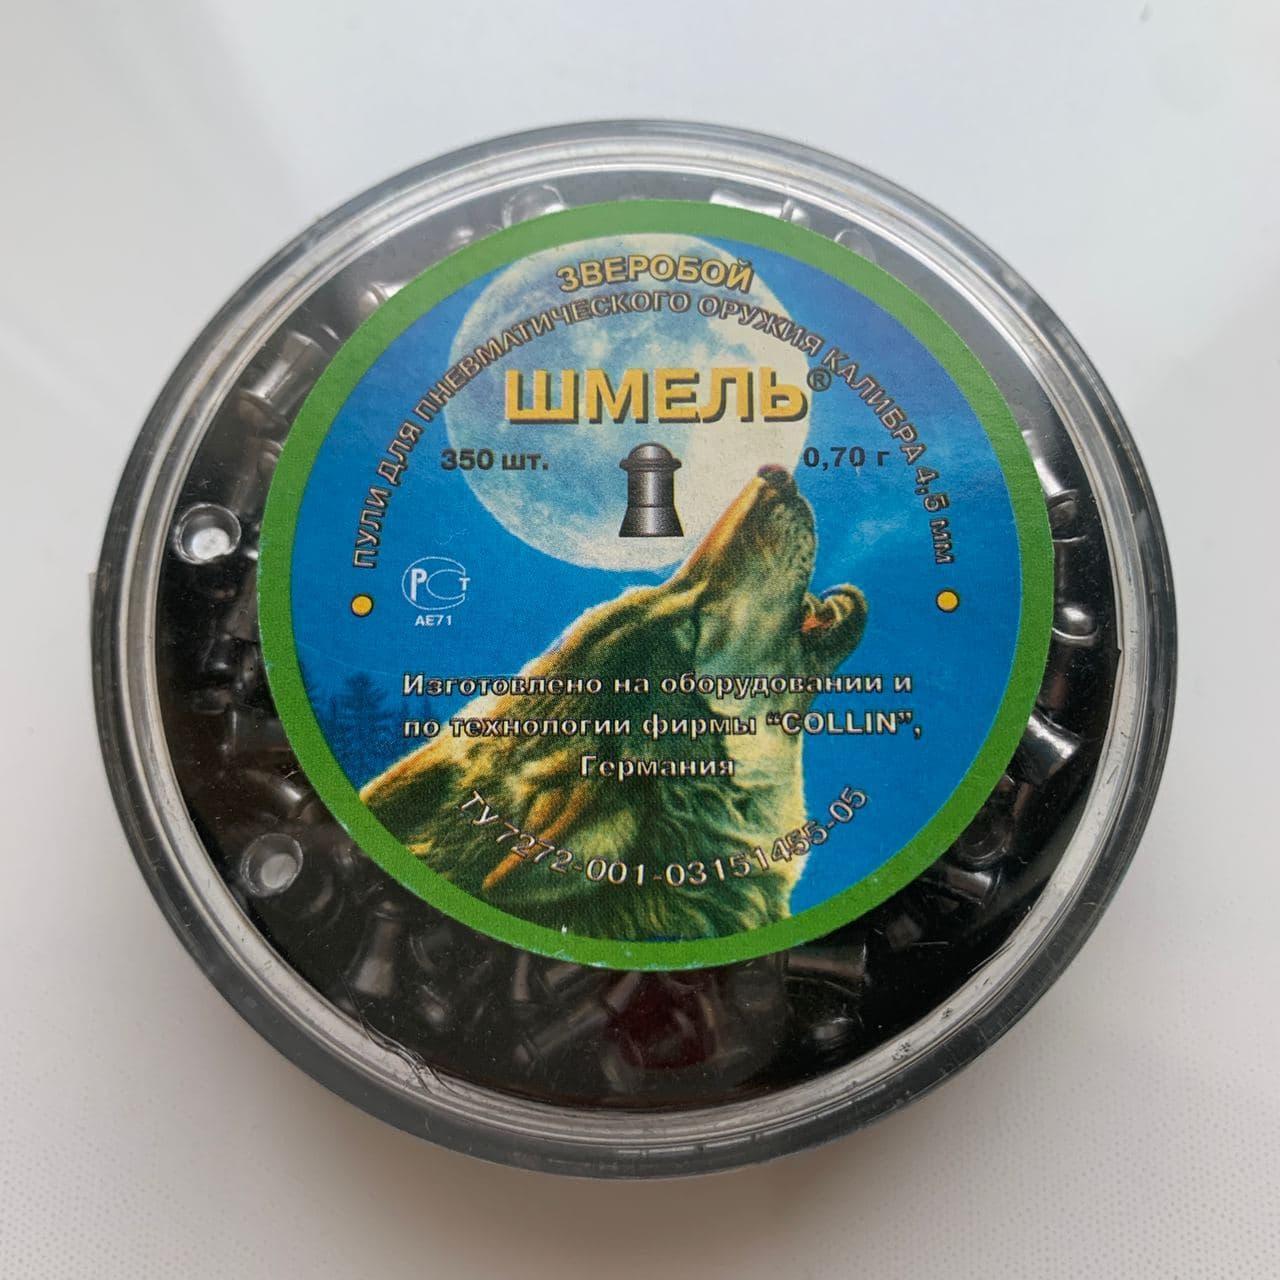 Пули Шмель зверобой 0,70 г 350 шт